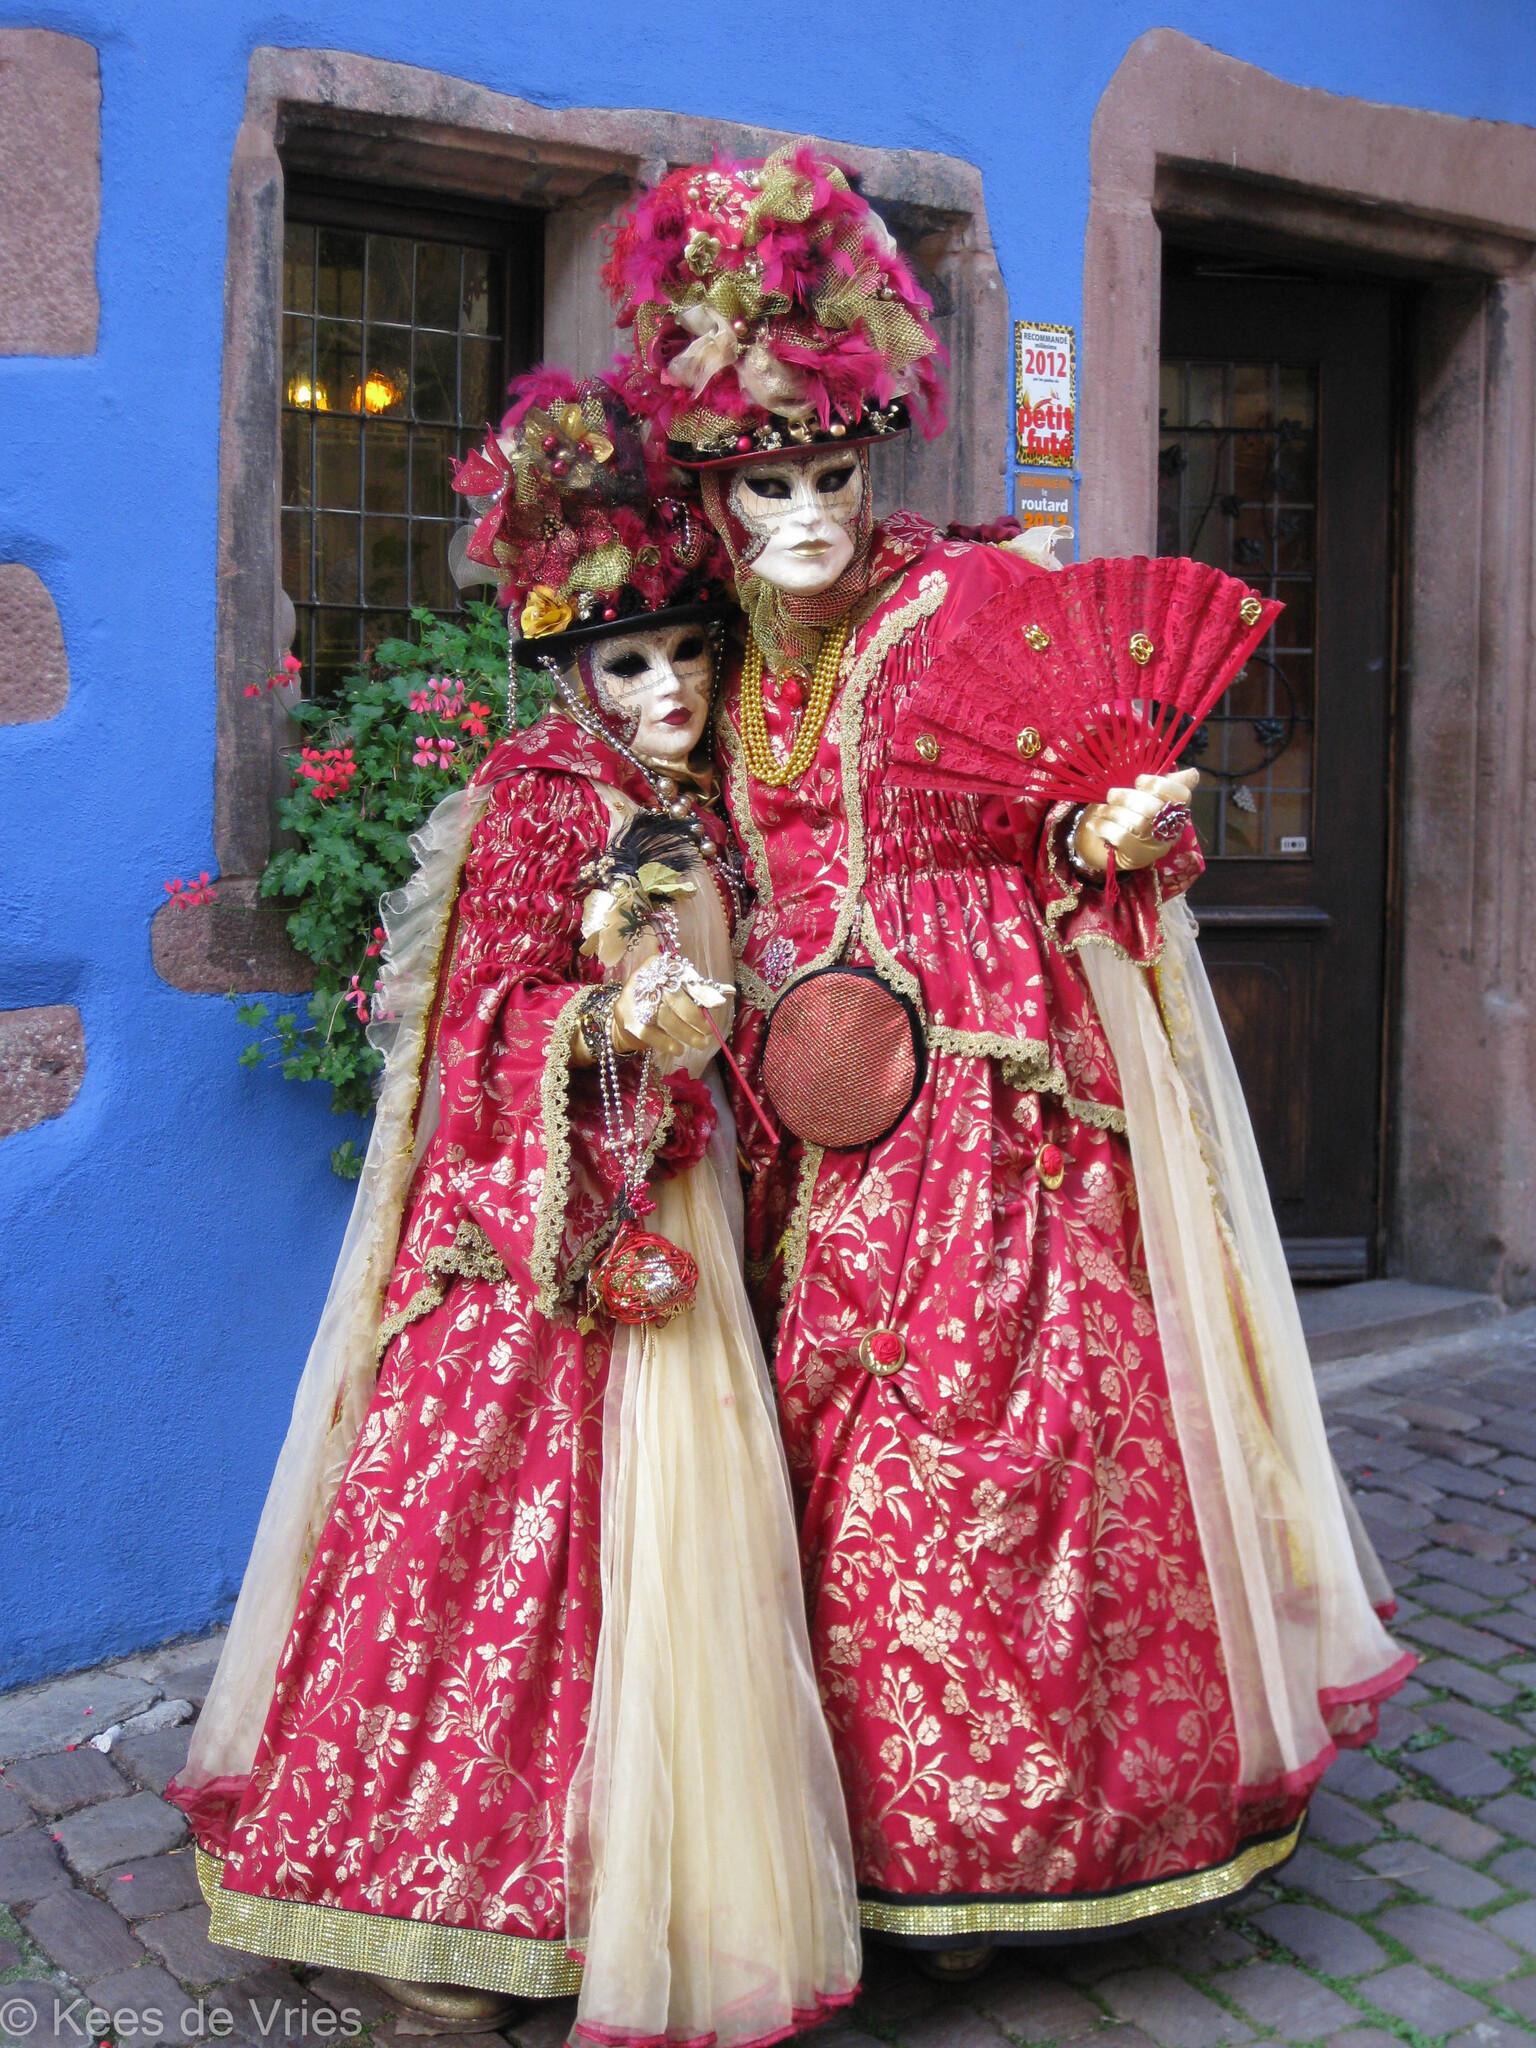 Elzas 2012 - Venetiaanse Parade in Riquewihr in de Elzas - foto door KdV59 op 05-05-2021 - locatie: 68340 Riquewihr, Frankrijk - deze foto bevat: heeft, blauw, jurk, purper, mode, tempel, venster, roze, mode ontwerp, bloem